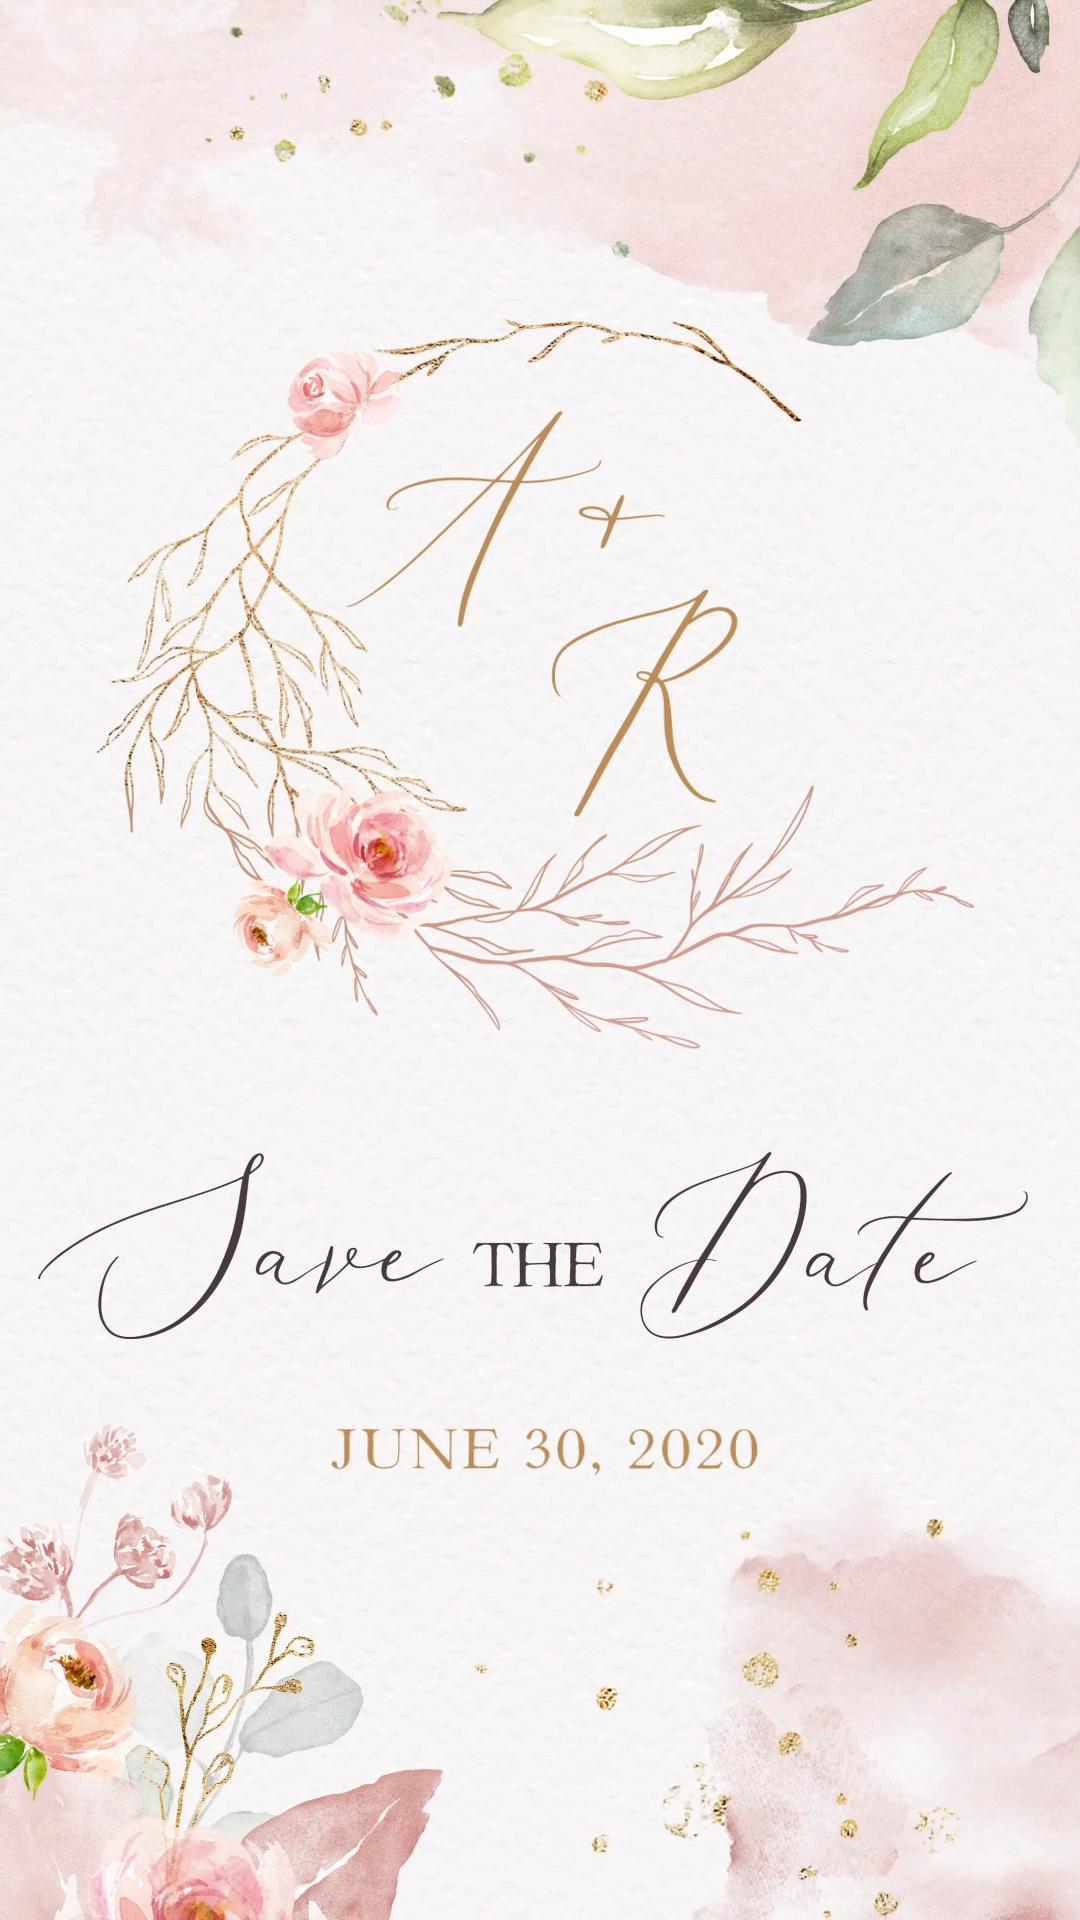 Romantic Save The Date Video Whatsapp Invite Date Invite Romantic Save Video Wh In 2020 Save The Date Invitations Save The Date Video Digital Wedding Invitations